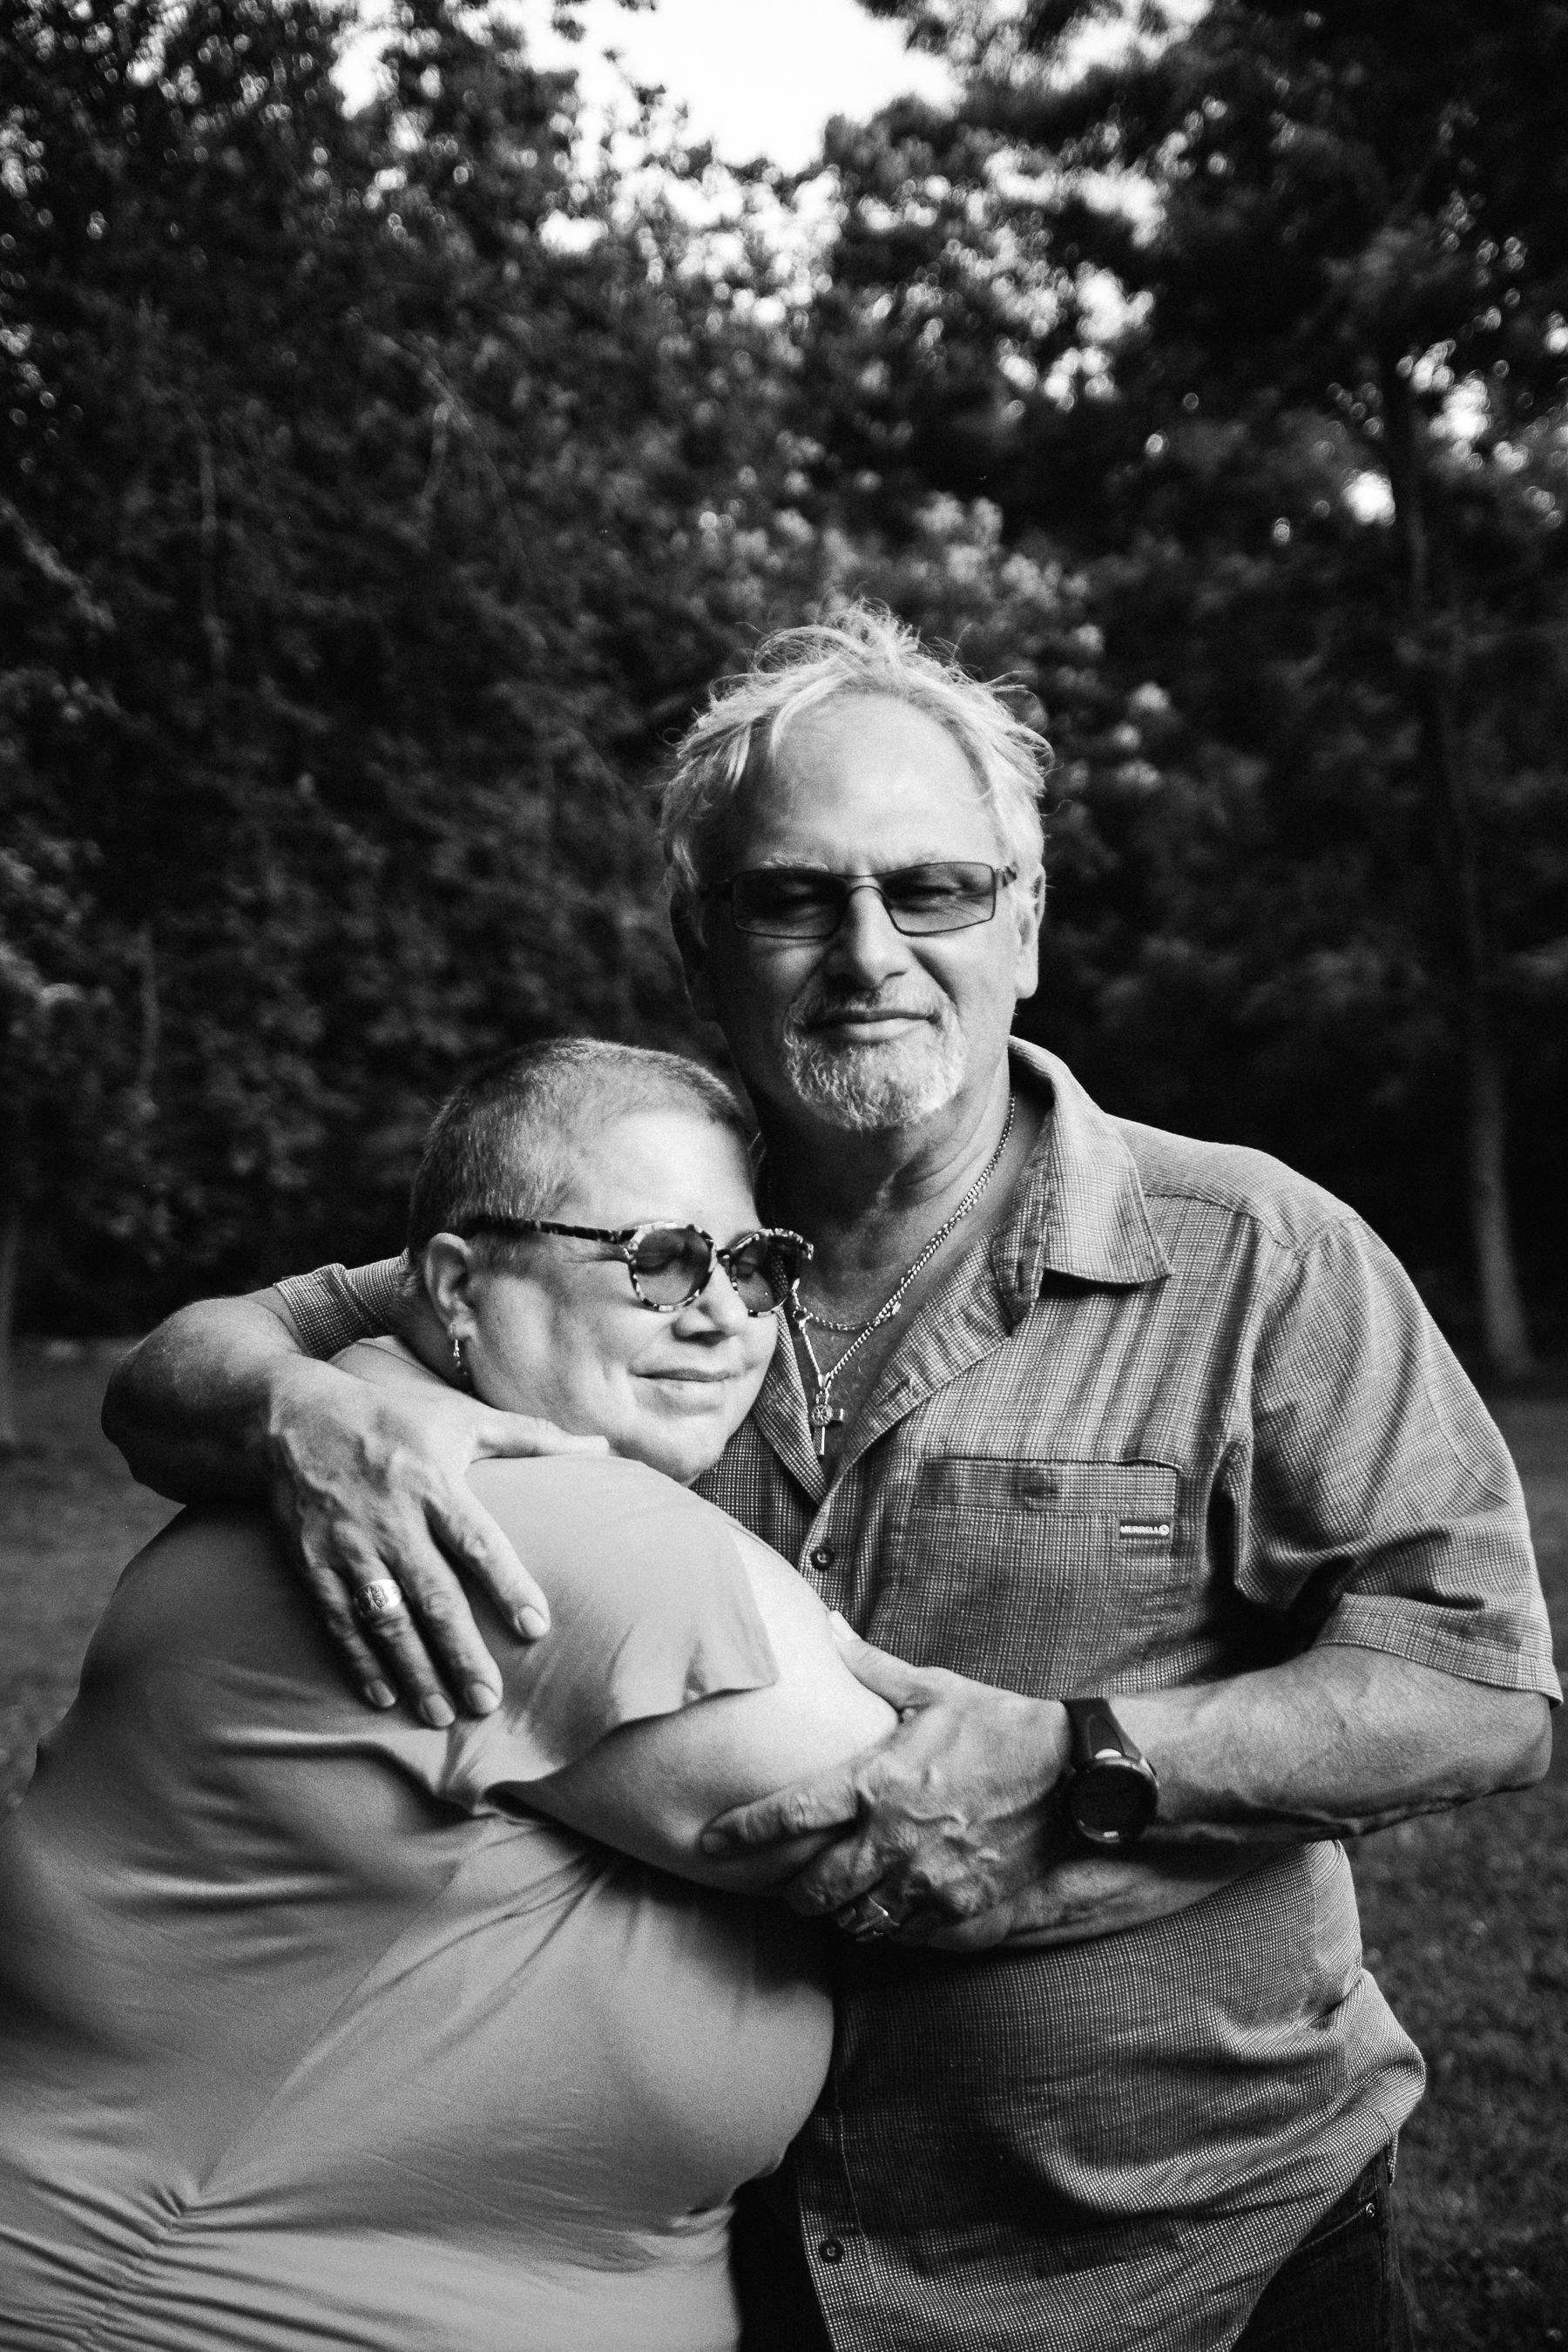 photo-d-un-couple-d-age-mur-qui-se-serre-tendrement-dans-les-bras-photographe-lifestyle-famille-et-nouveau-ne-a-montreal-marianne-charland-.jpg